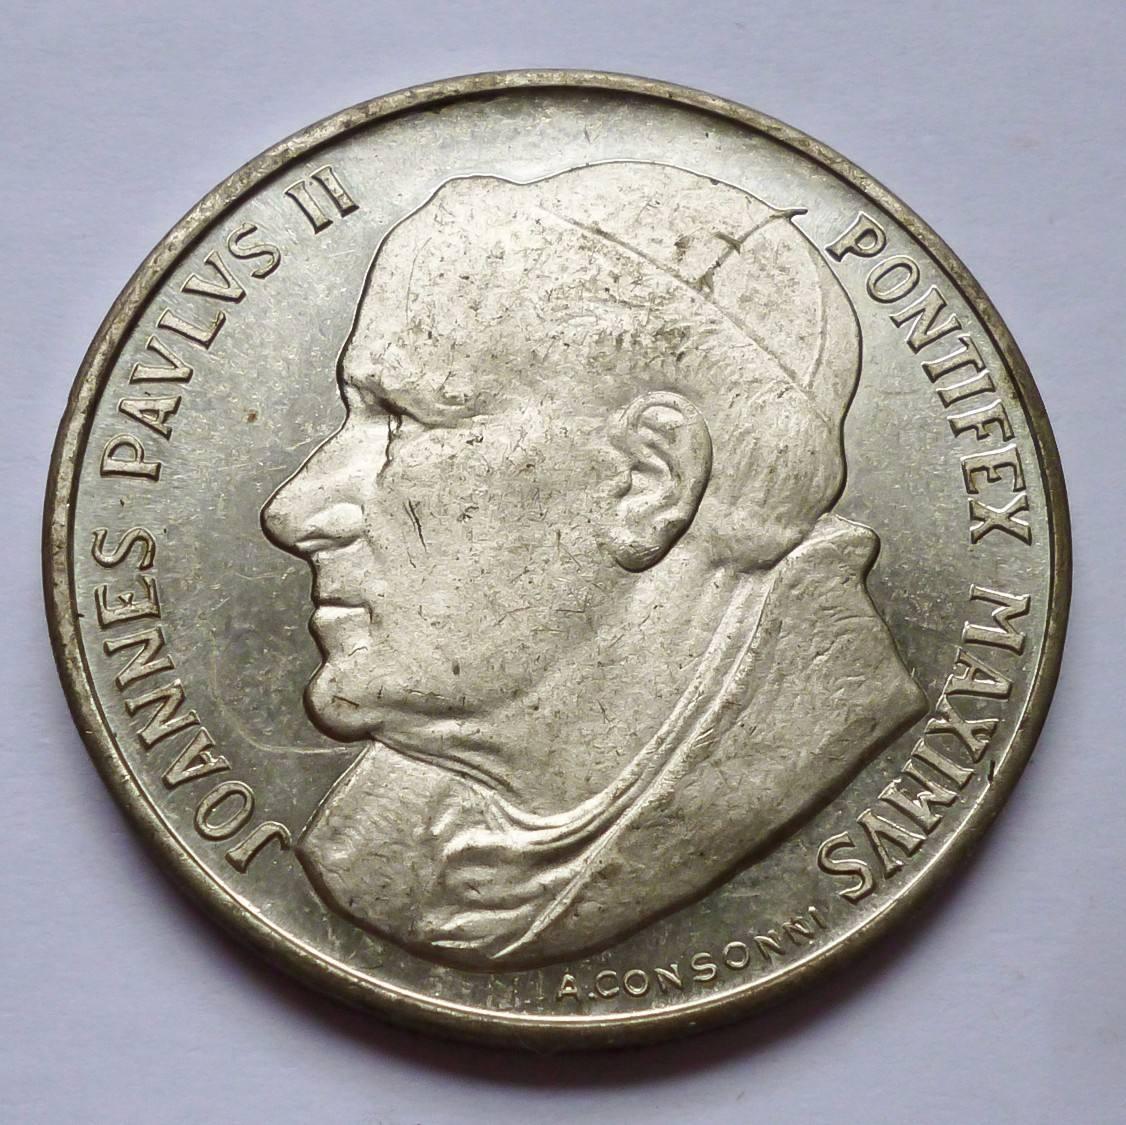 99786c9a9b5 medalla italia juan pablo ii papa 2000 año santo. Cargando zoom.